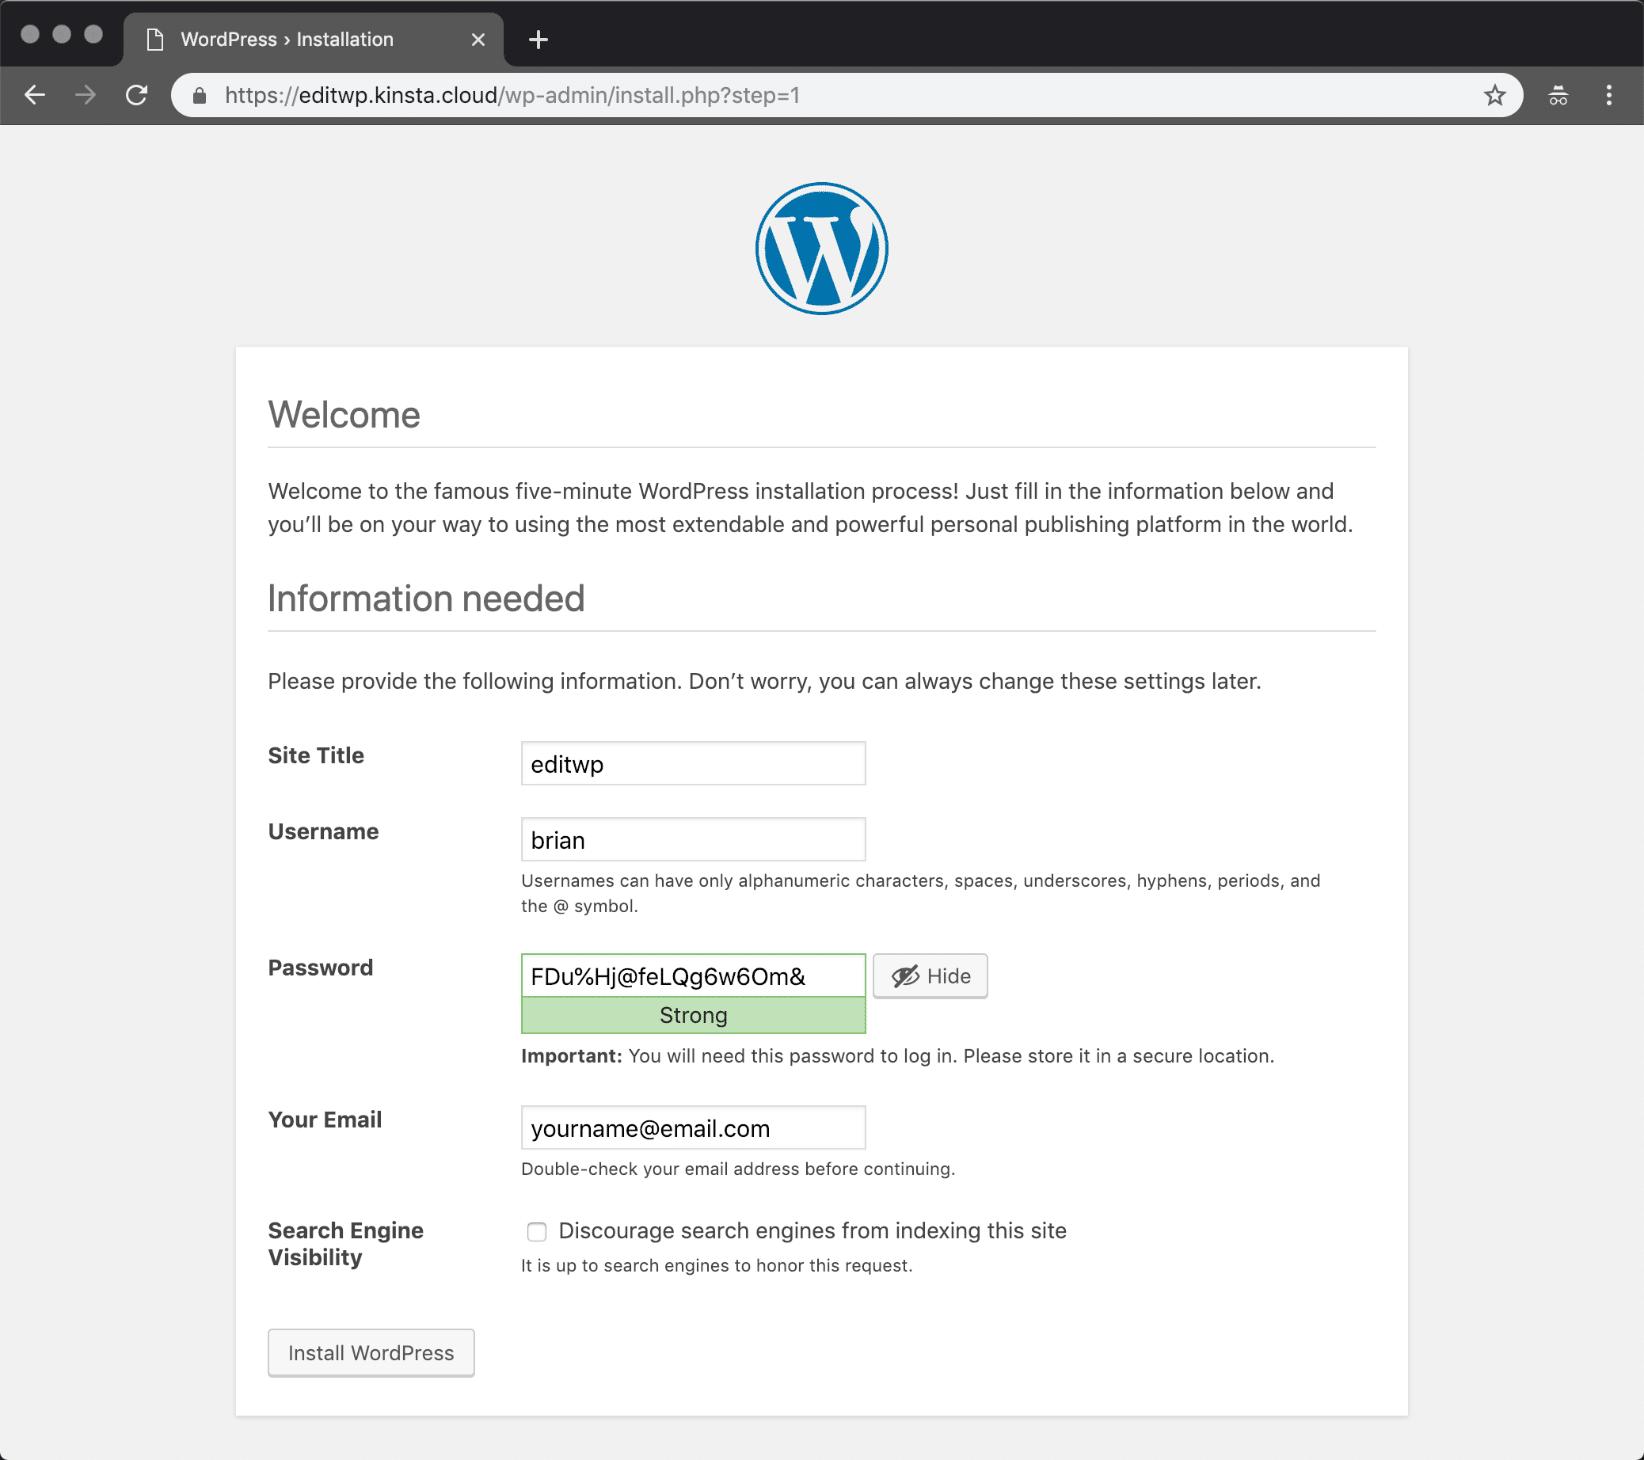 Installiere WordPress manuell - erforderliche Informationen